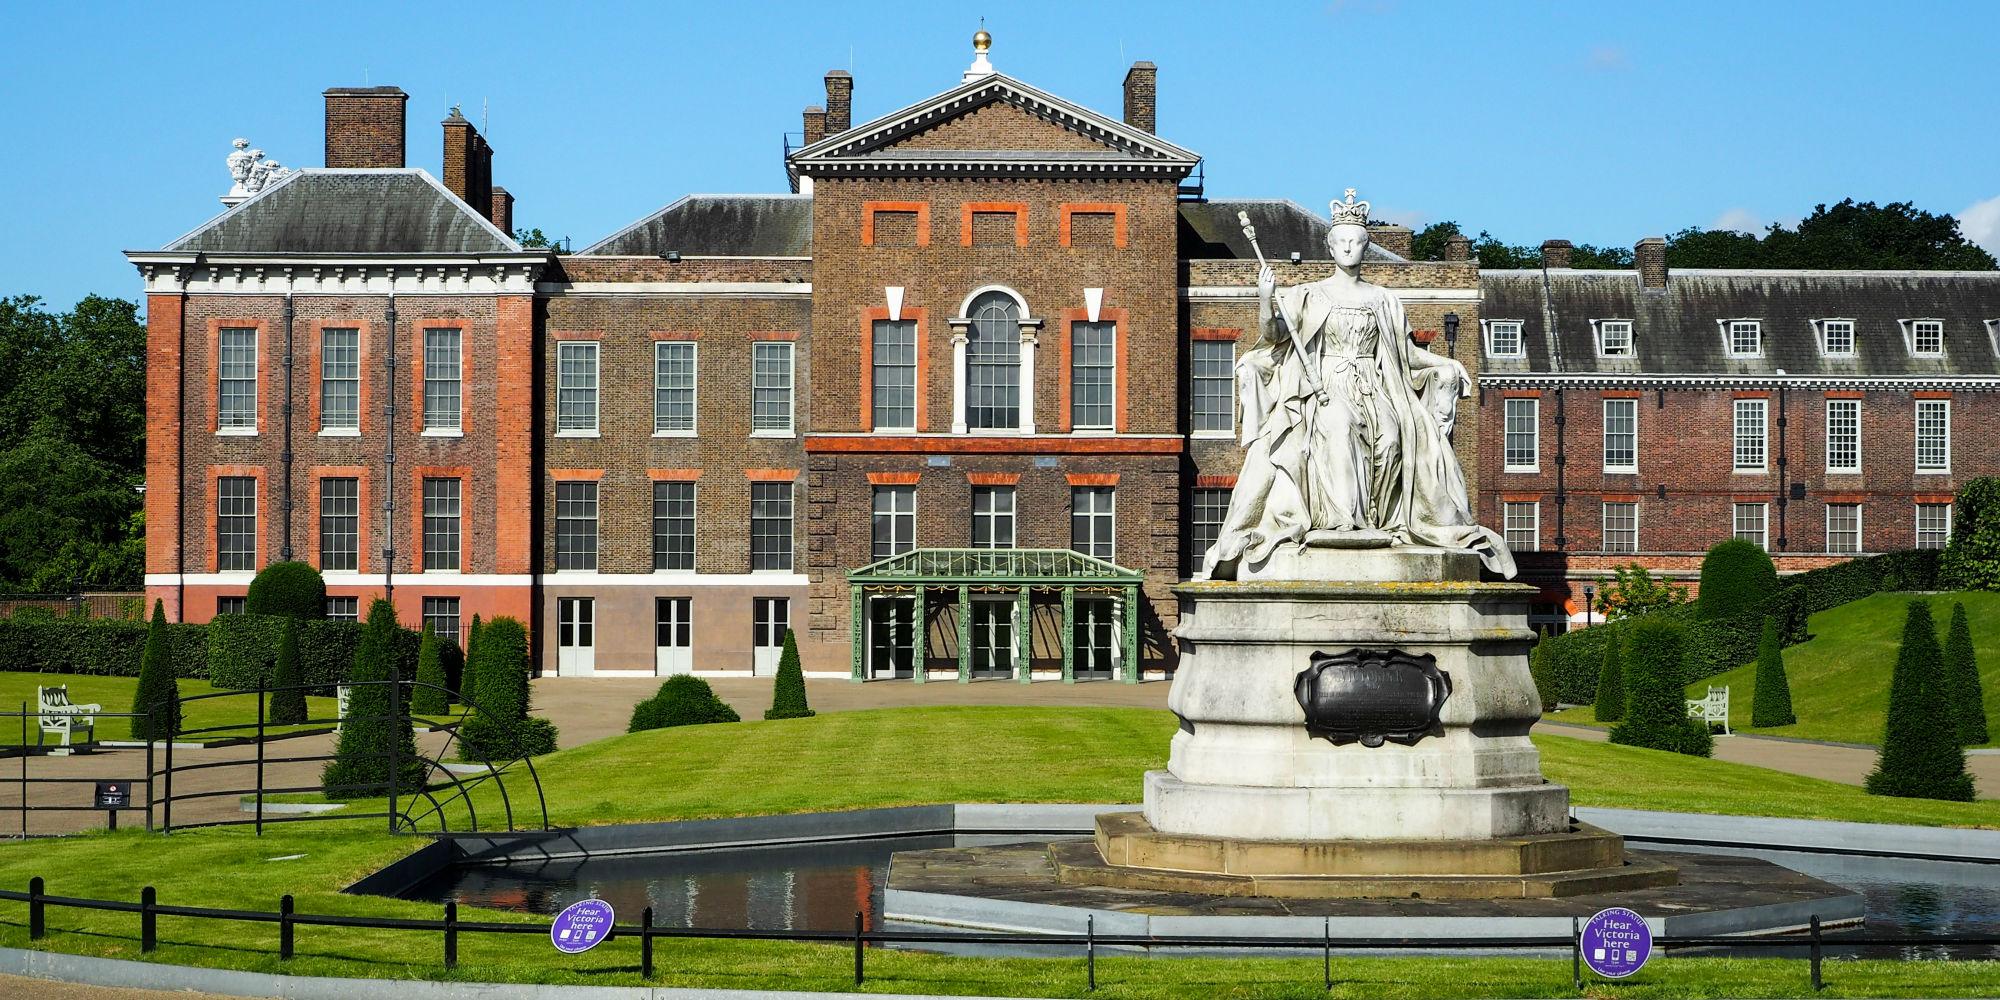 Palácio de Kensington onde Harry e Meghan vivem atualmente. (Foto: Shutterstock)